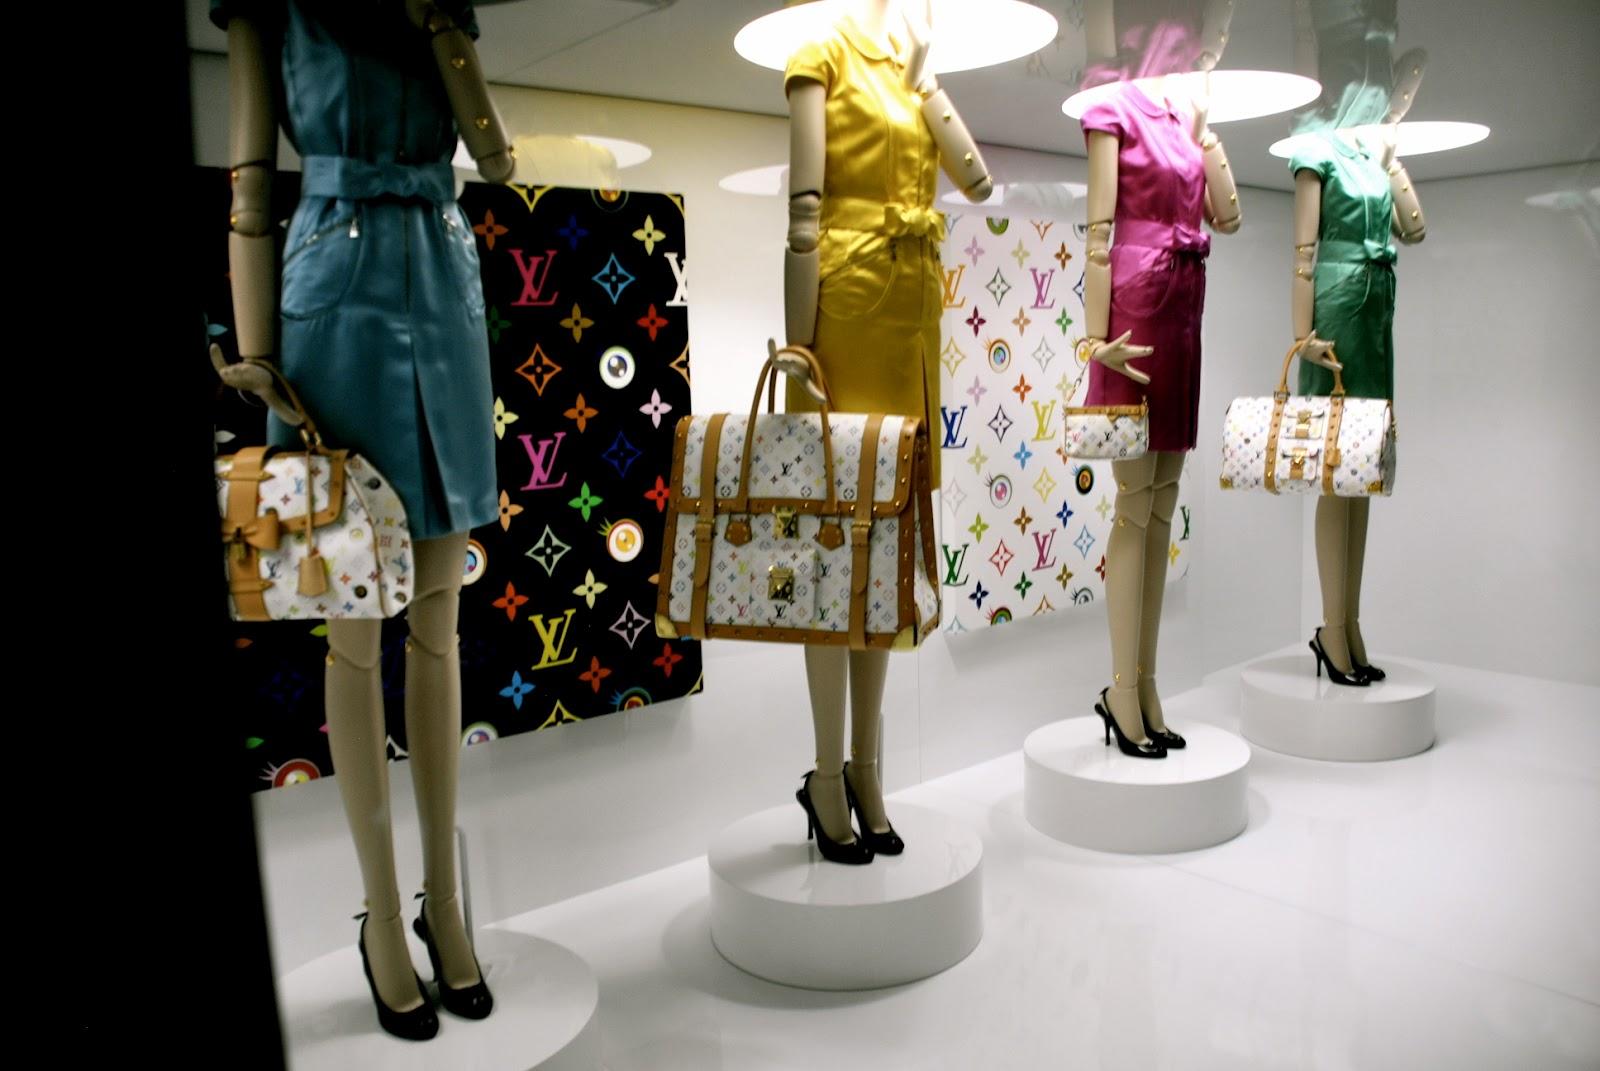 Louis+Vuitton+Marc+Jacobs+exhibition+Paris+Les+Arts+Decoratives_0192